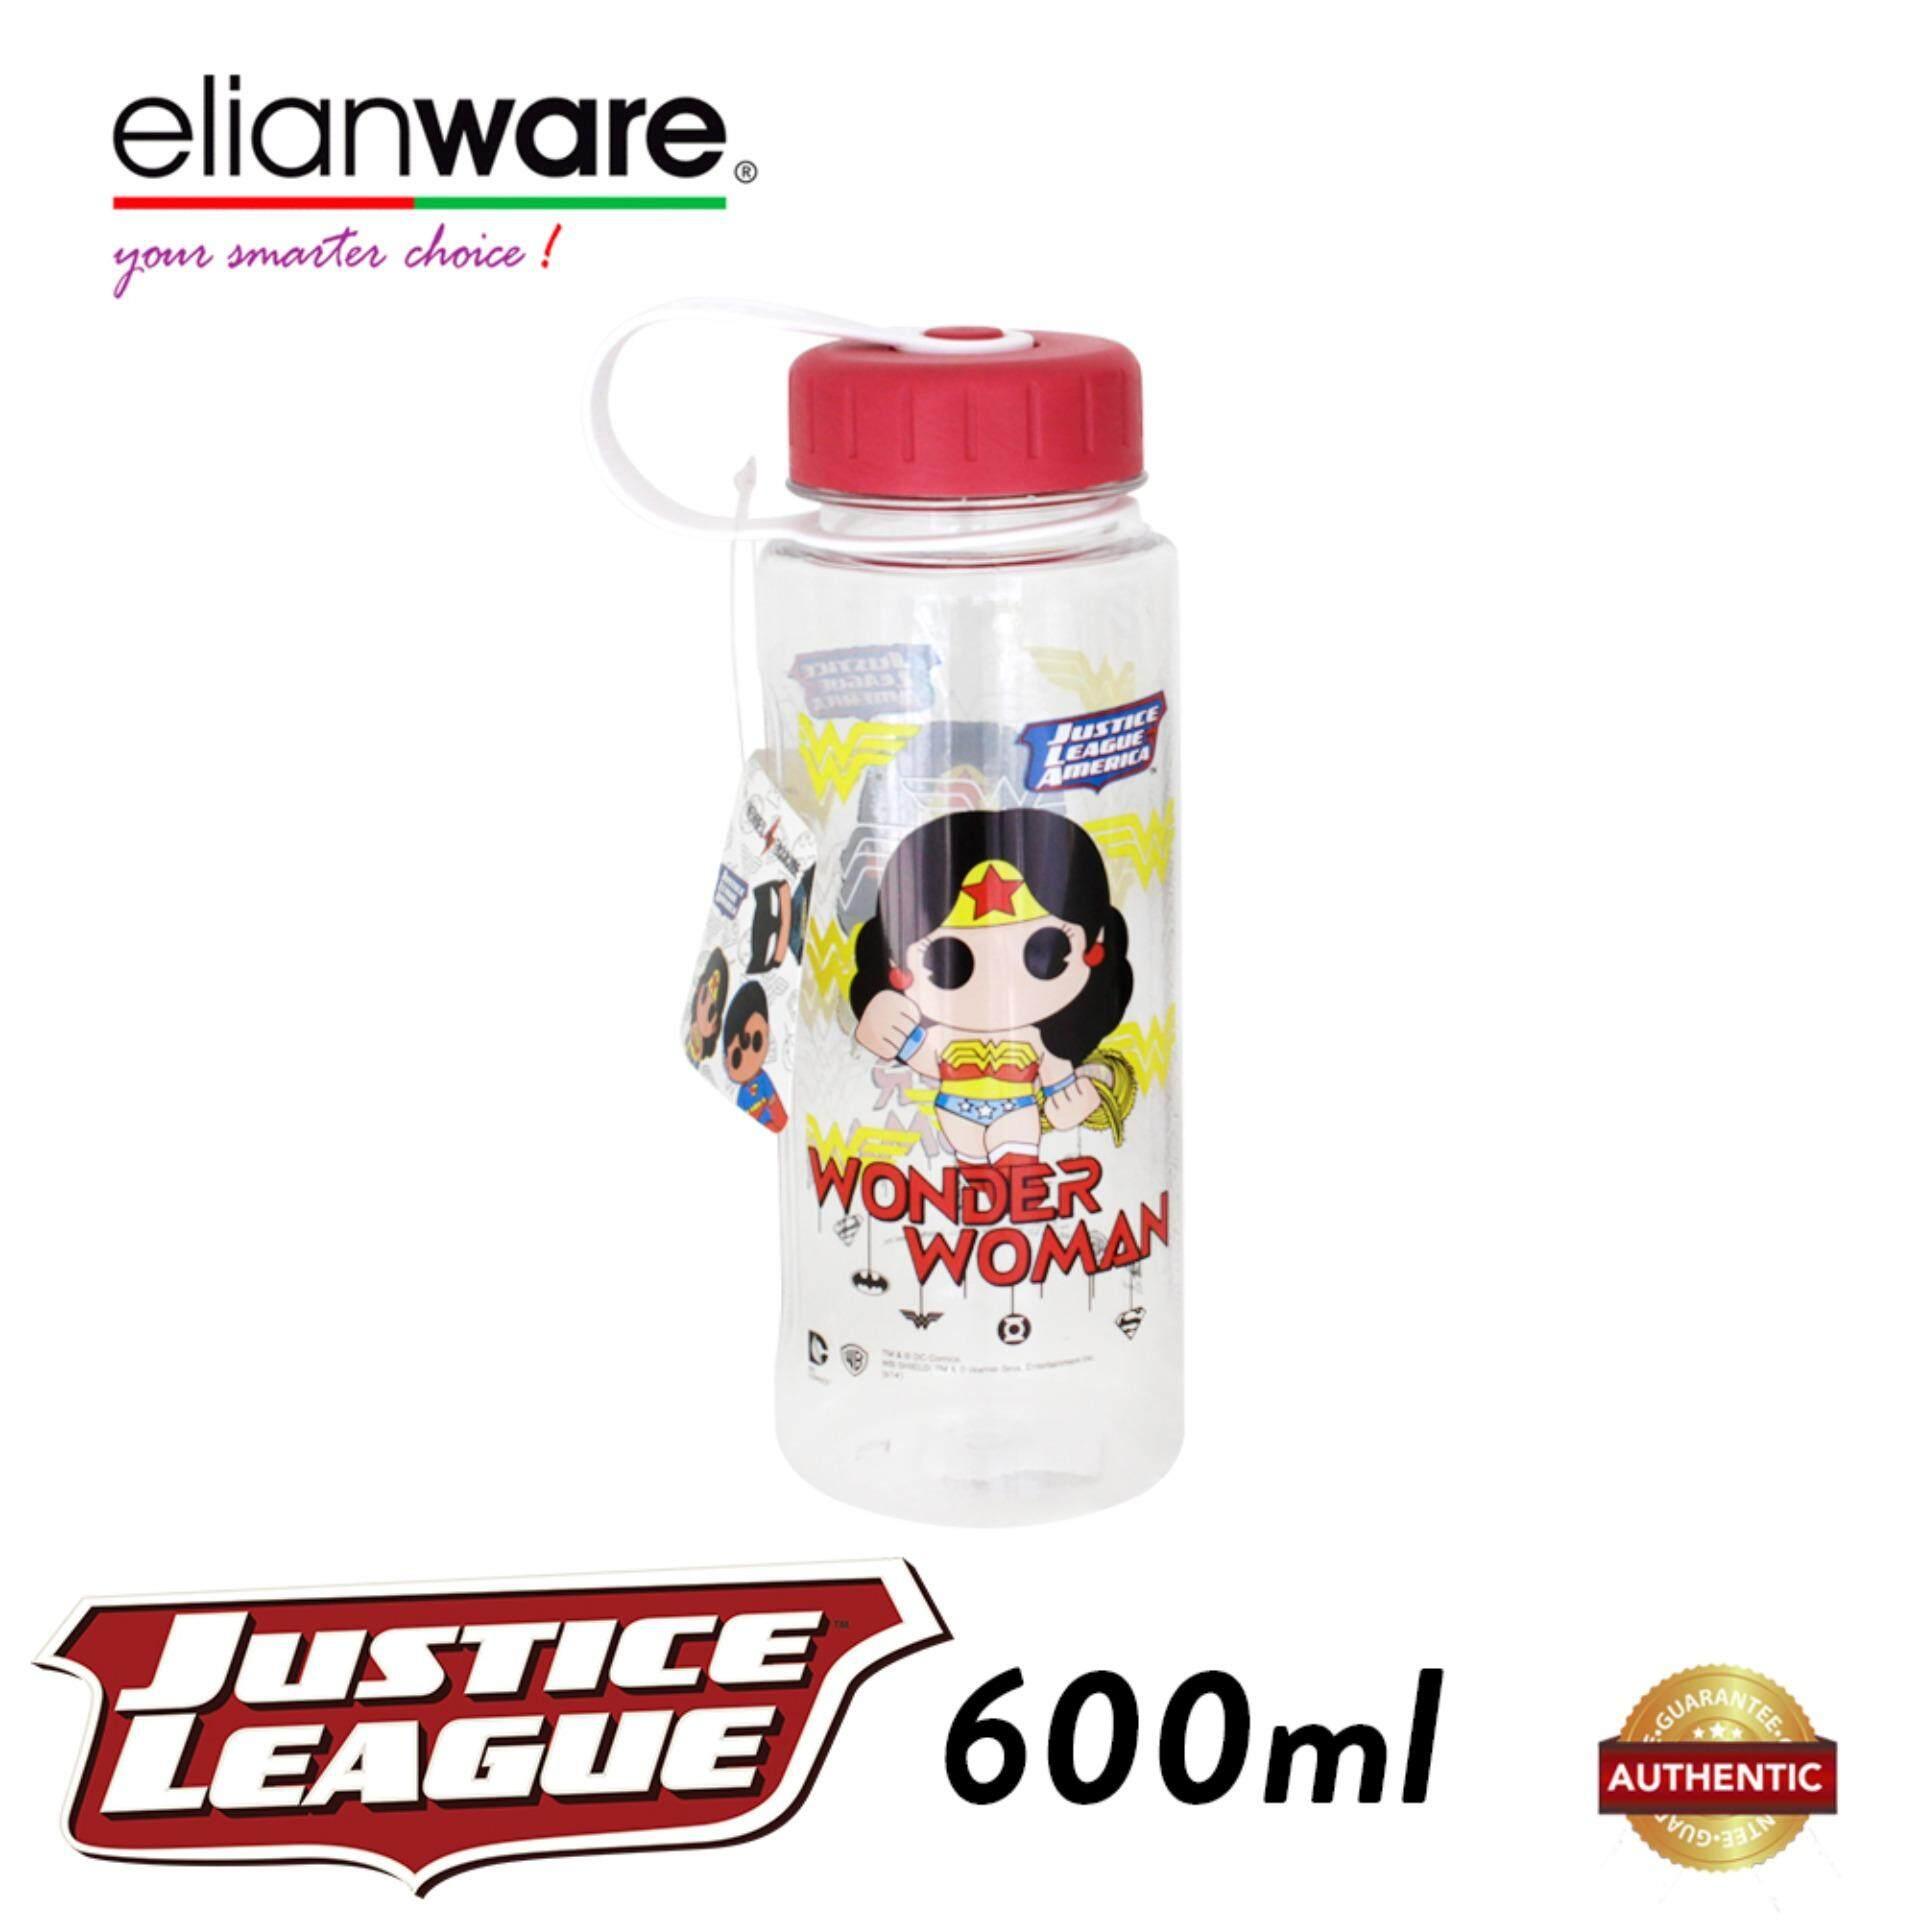 Elianware DC Justice League 600ml BPA Free Heros Water Bottle